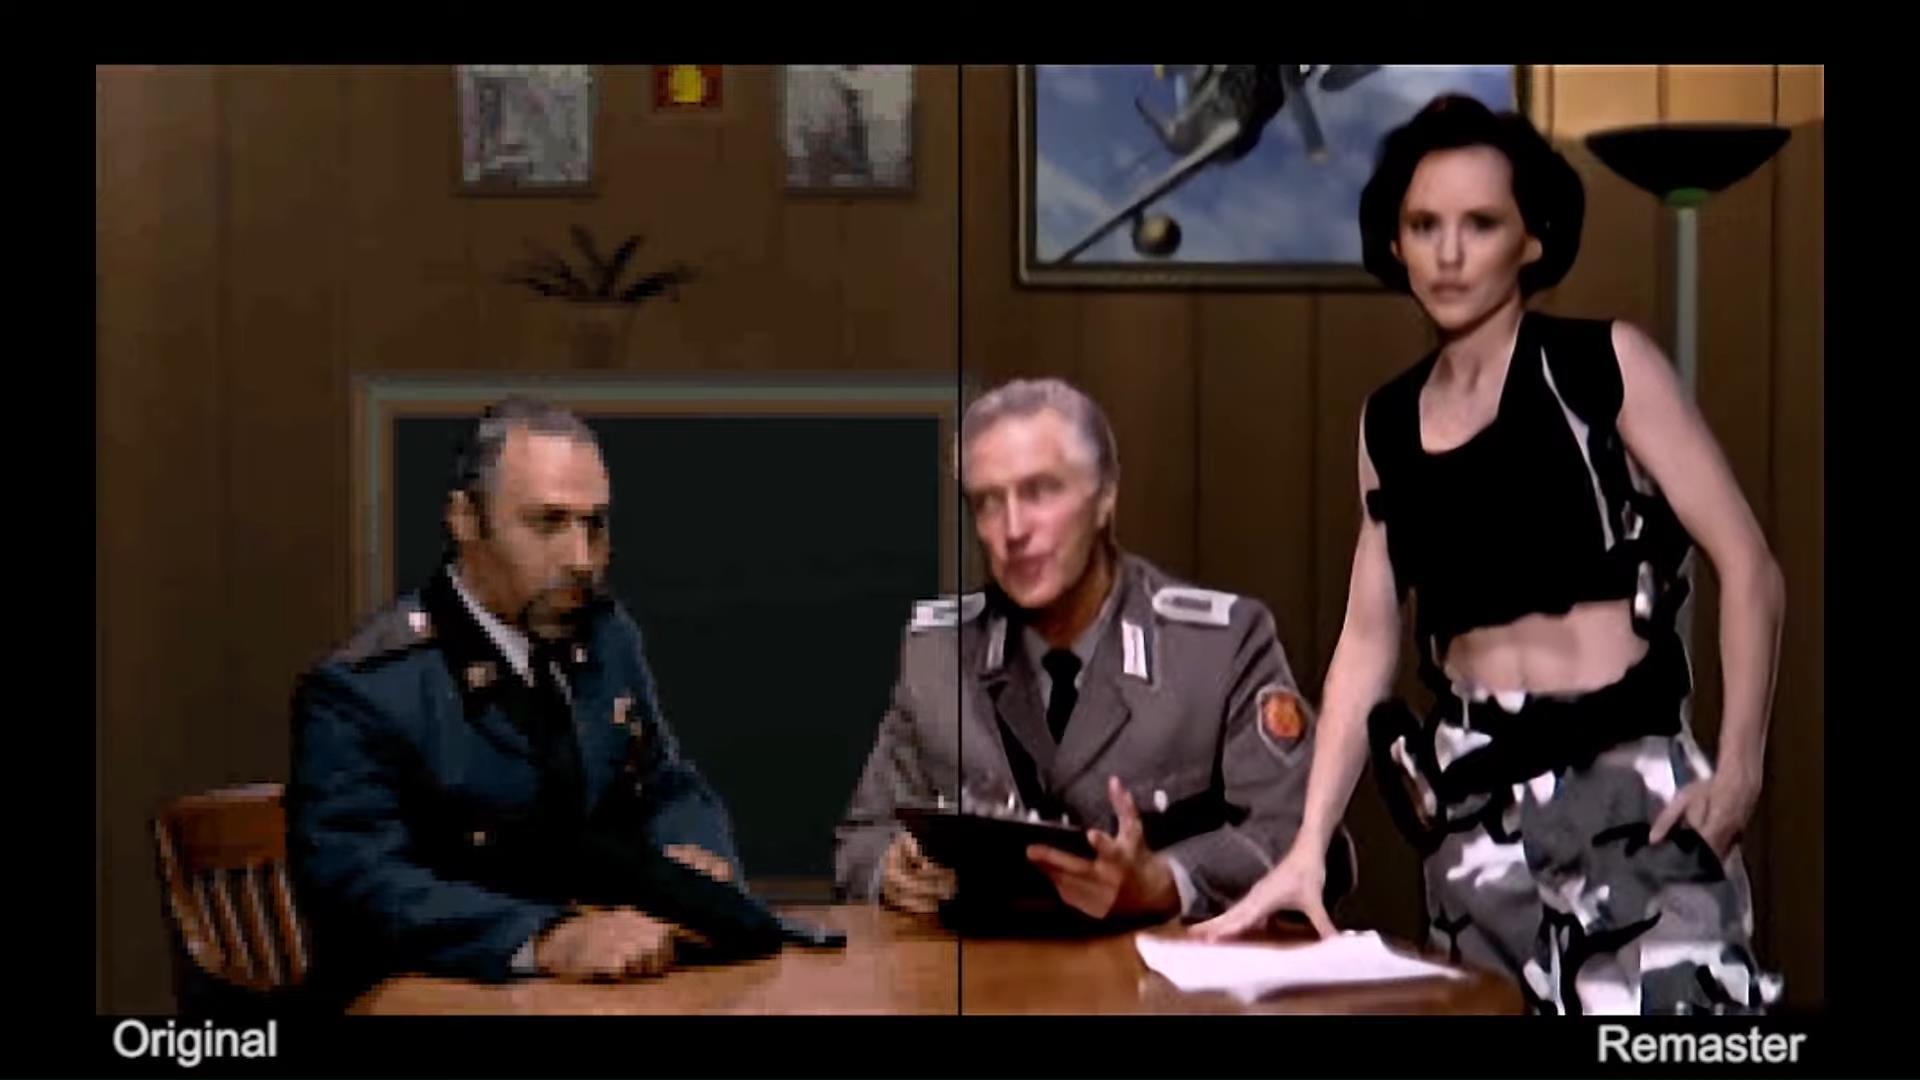 Command & Conquer Remastered tendrá escenas de FMV originales exclusivas de AI